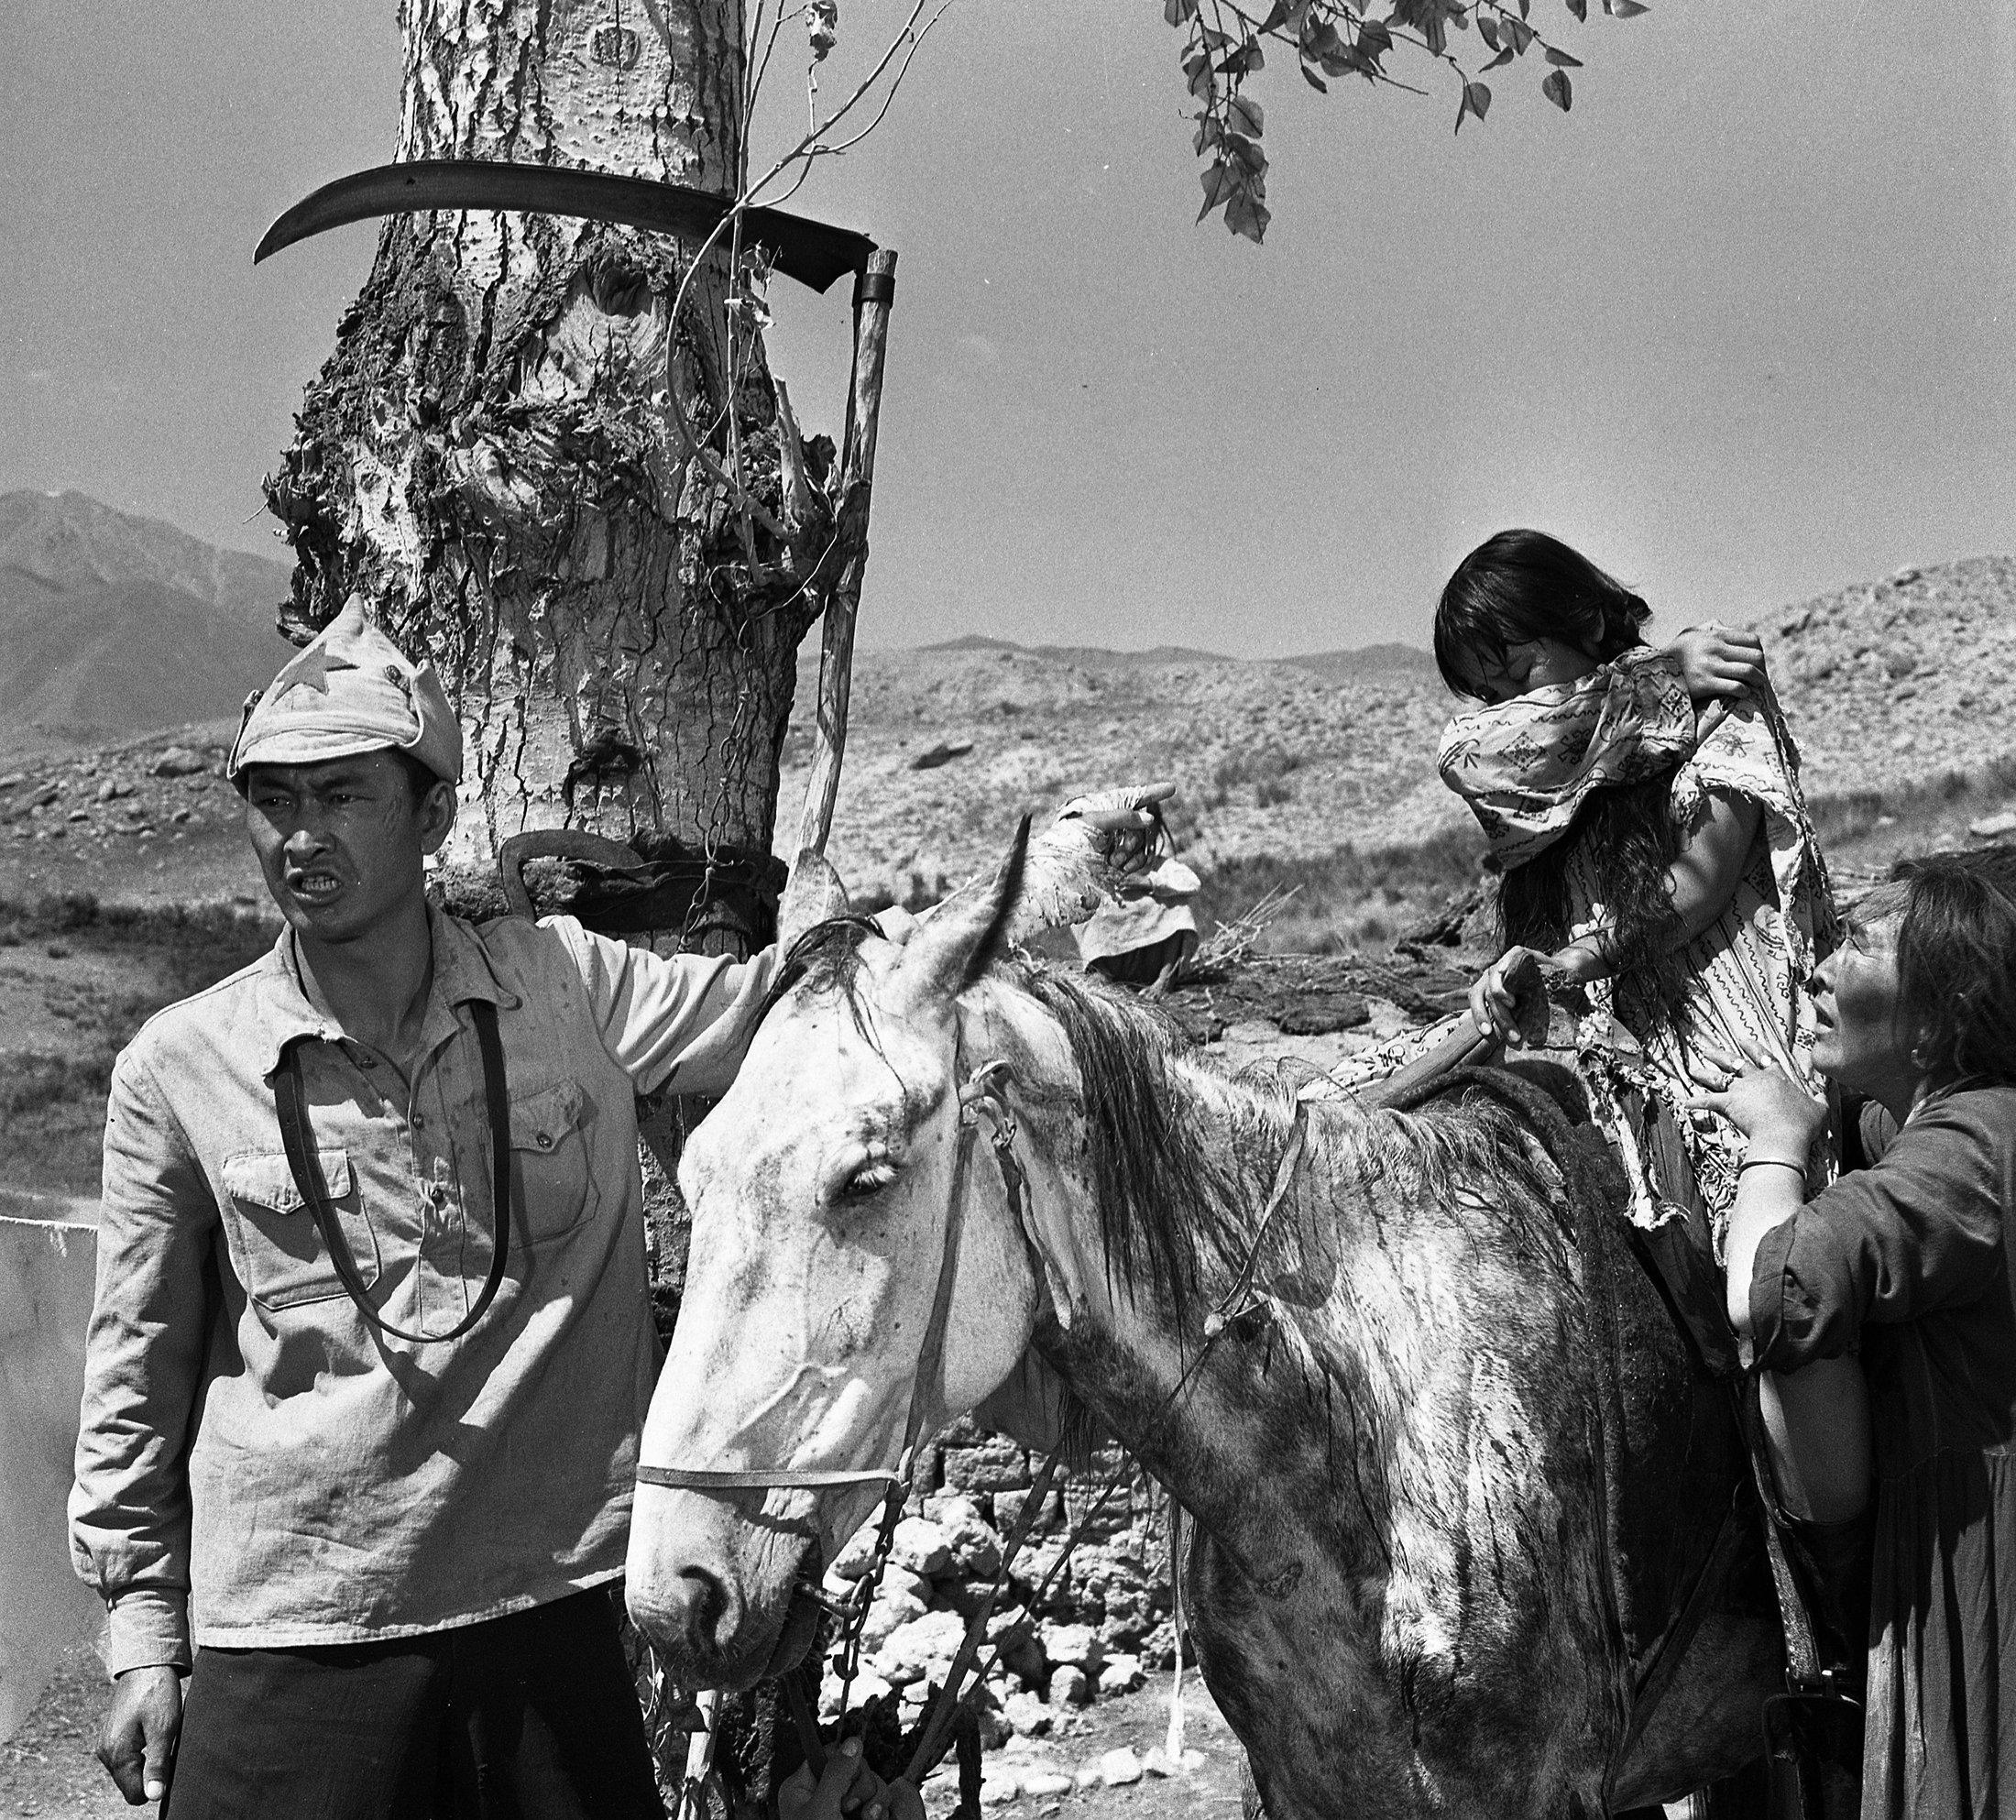 Кыргыз киносунун жылдызы Болот Бейшеналиев, Наталья Аринбасарова жана Даркүл Күйүкованын сүрөтү 1964-жылы Нарында тартылган.